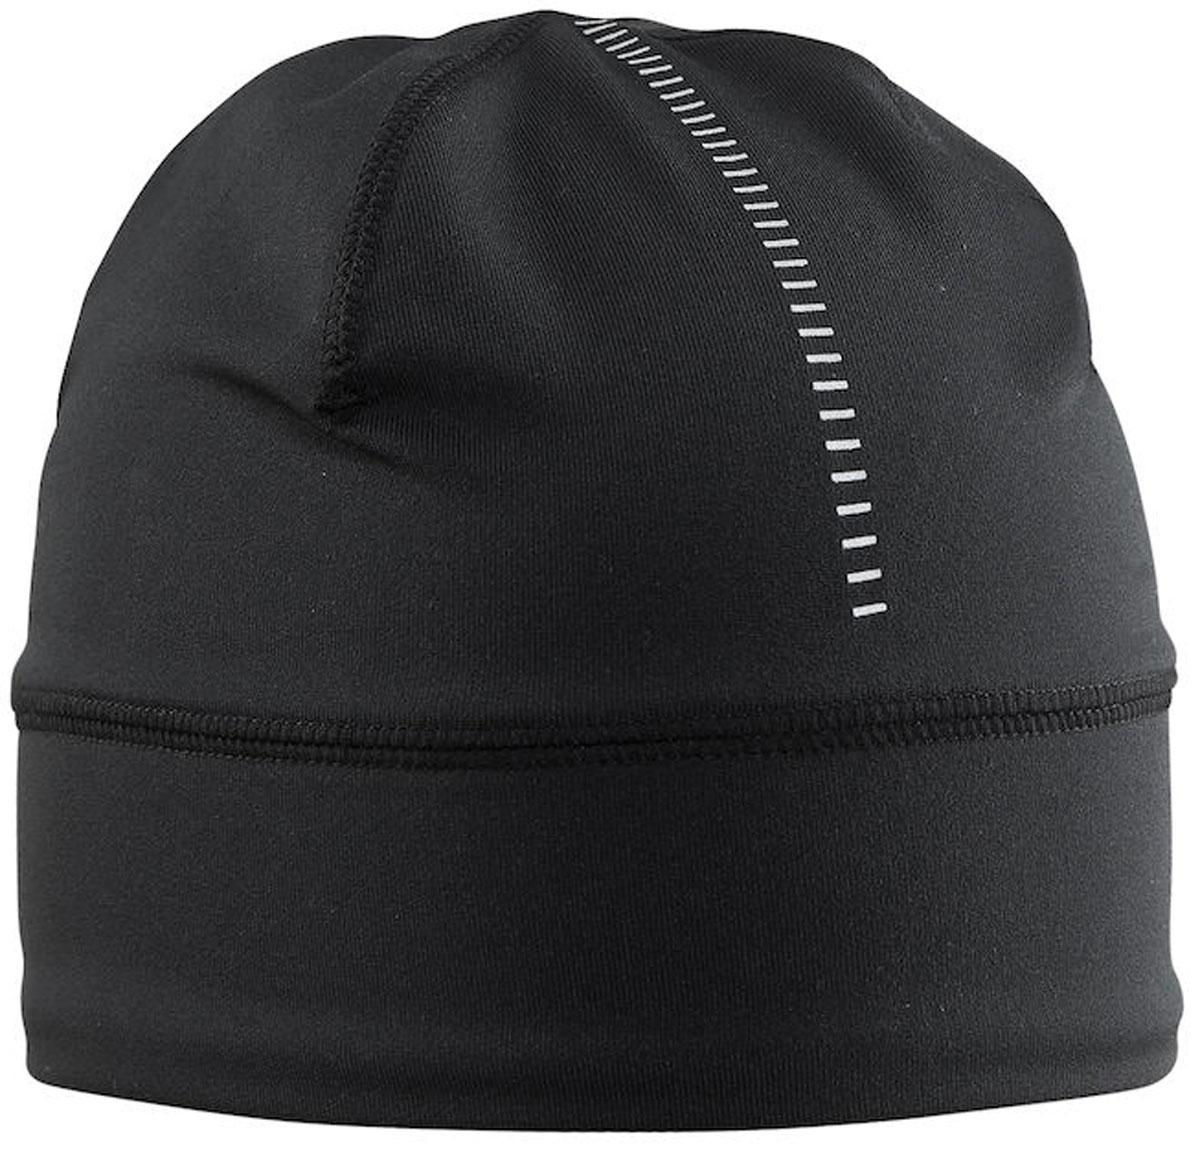 Шапка Craft Livigno, цвет: черный. 1904564/9999. Размер L/XL (58)1904564/9999Легкая проветриваемая шапка Livigno от Craft Спорт выполнена из эластичного материала. Модель отлично подойдет для активного отдыха и занятий спортом.